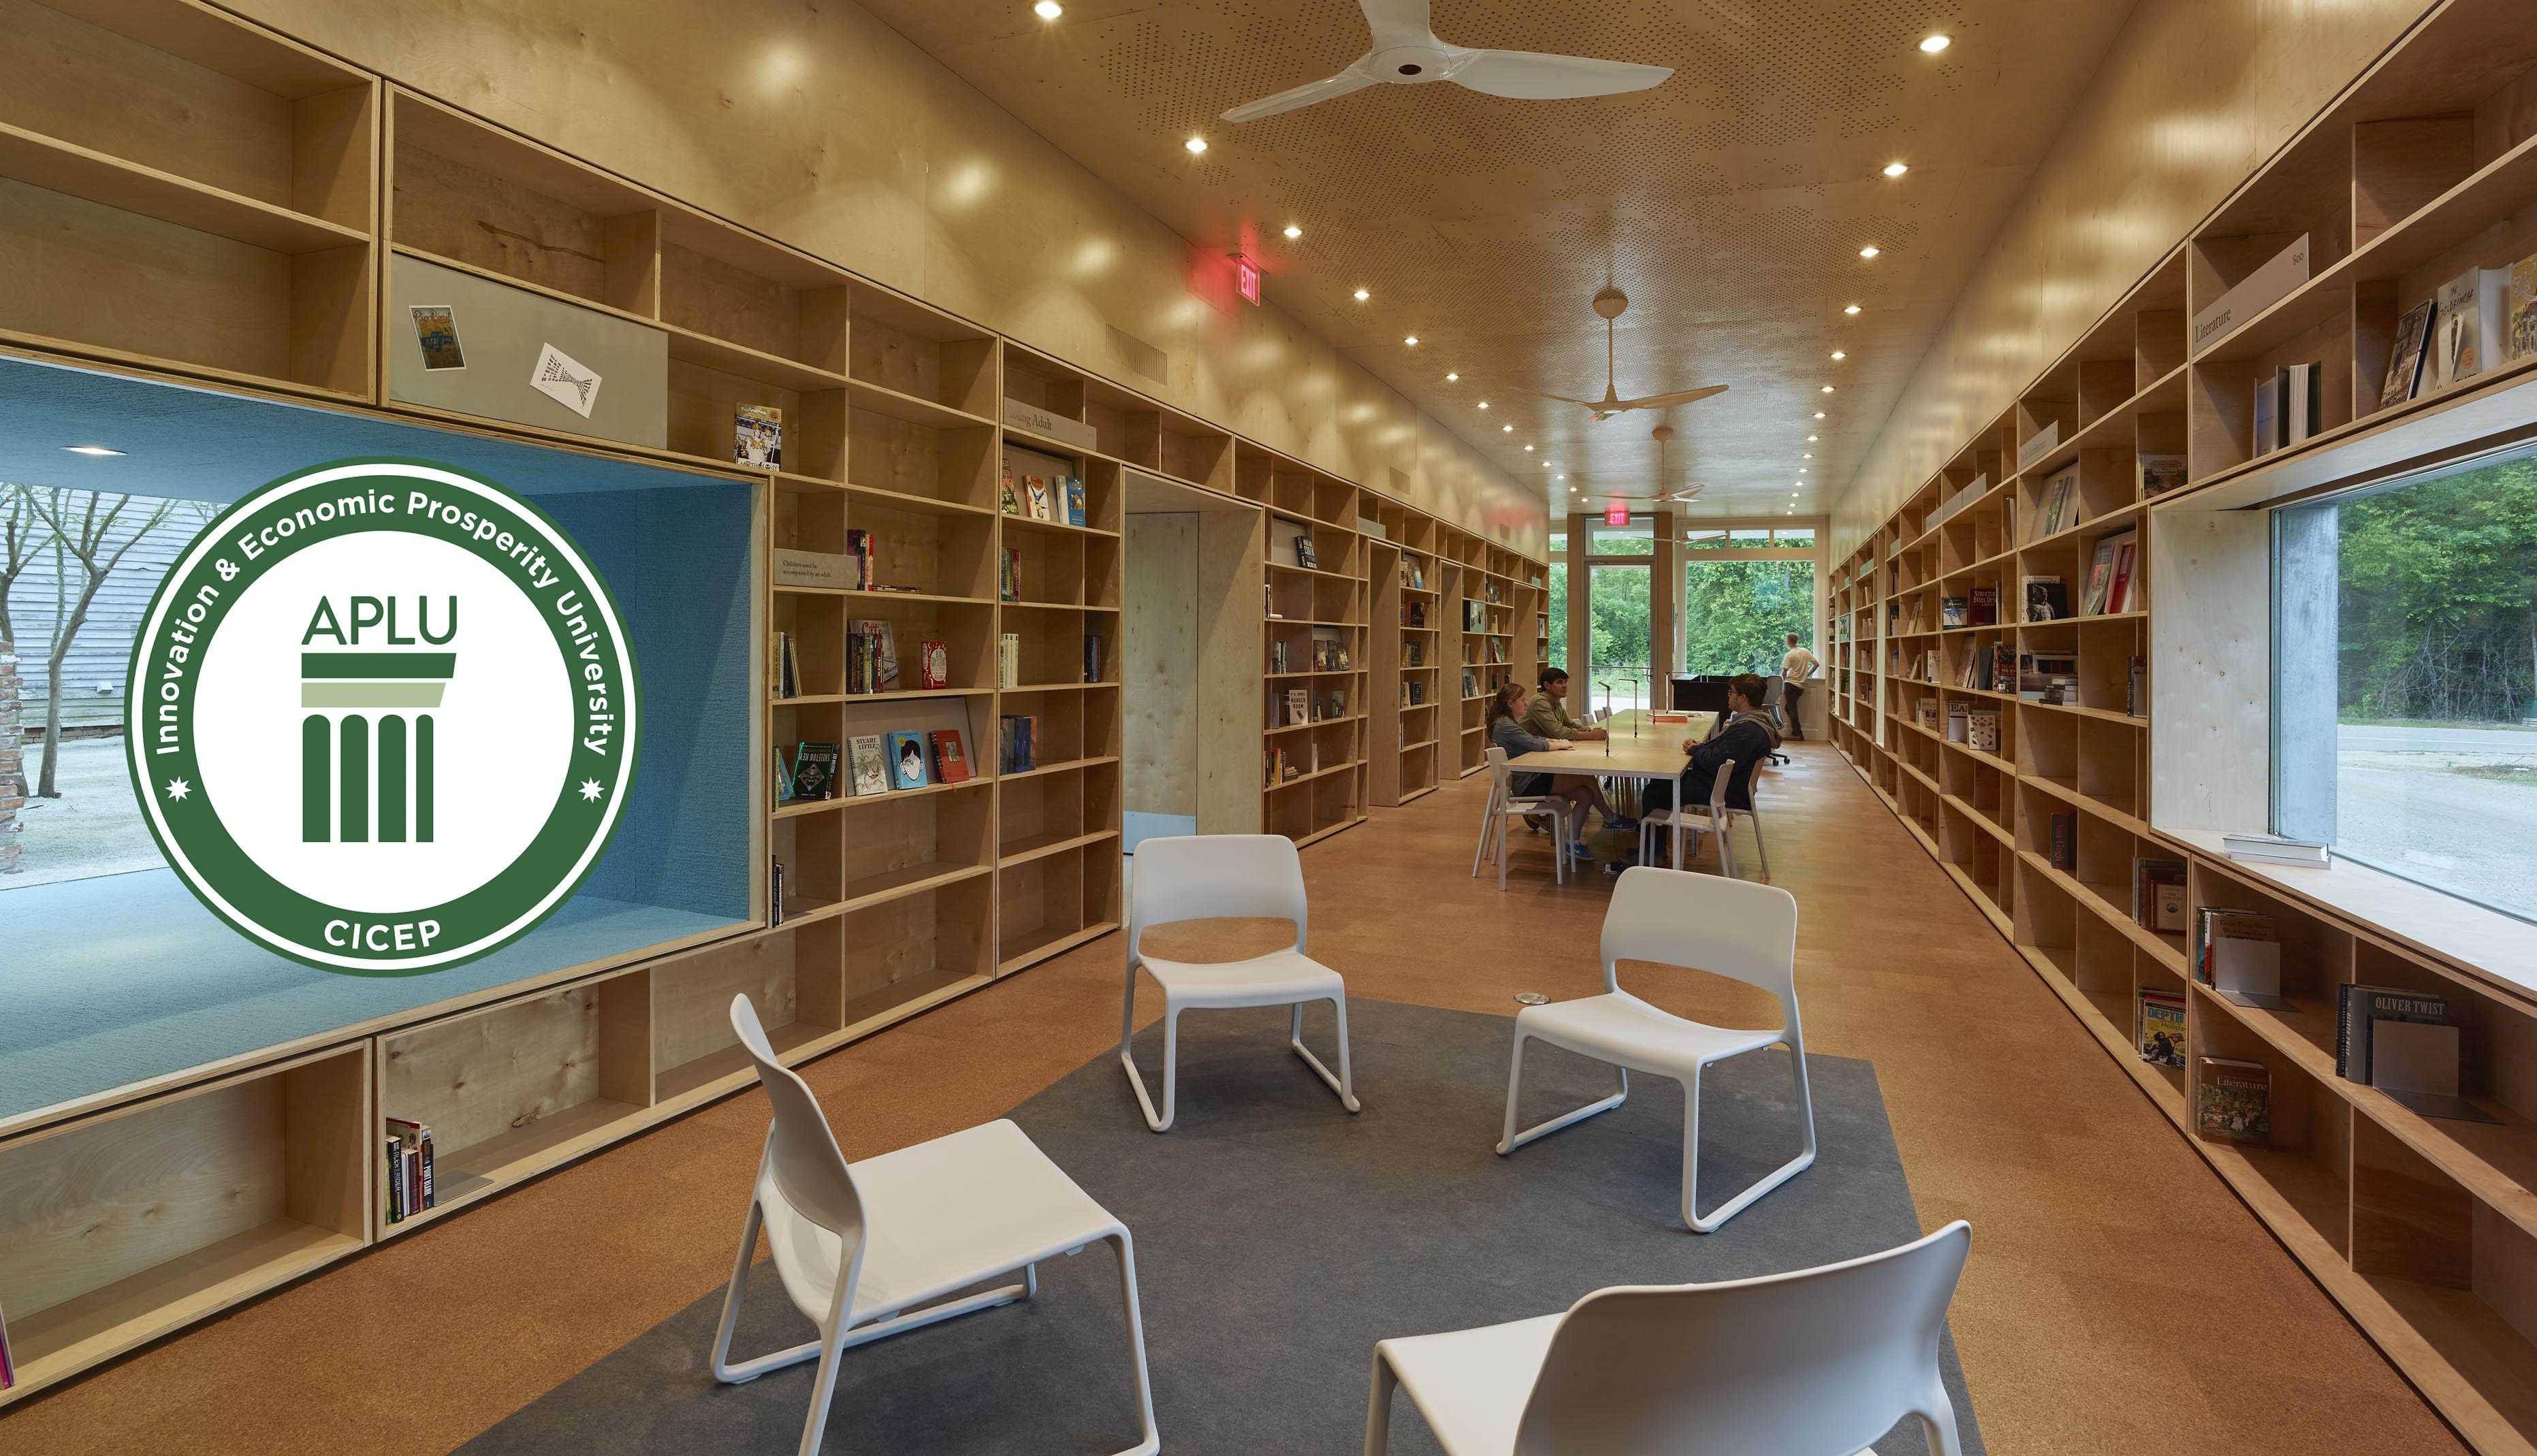 Auburn university interior design curriculum www - Auburn university interior design program ...